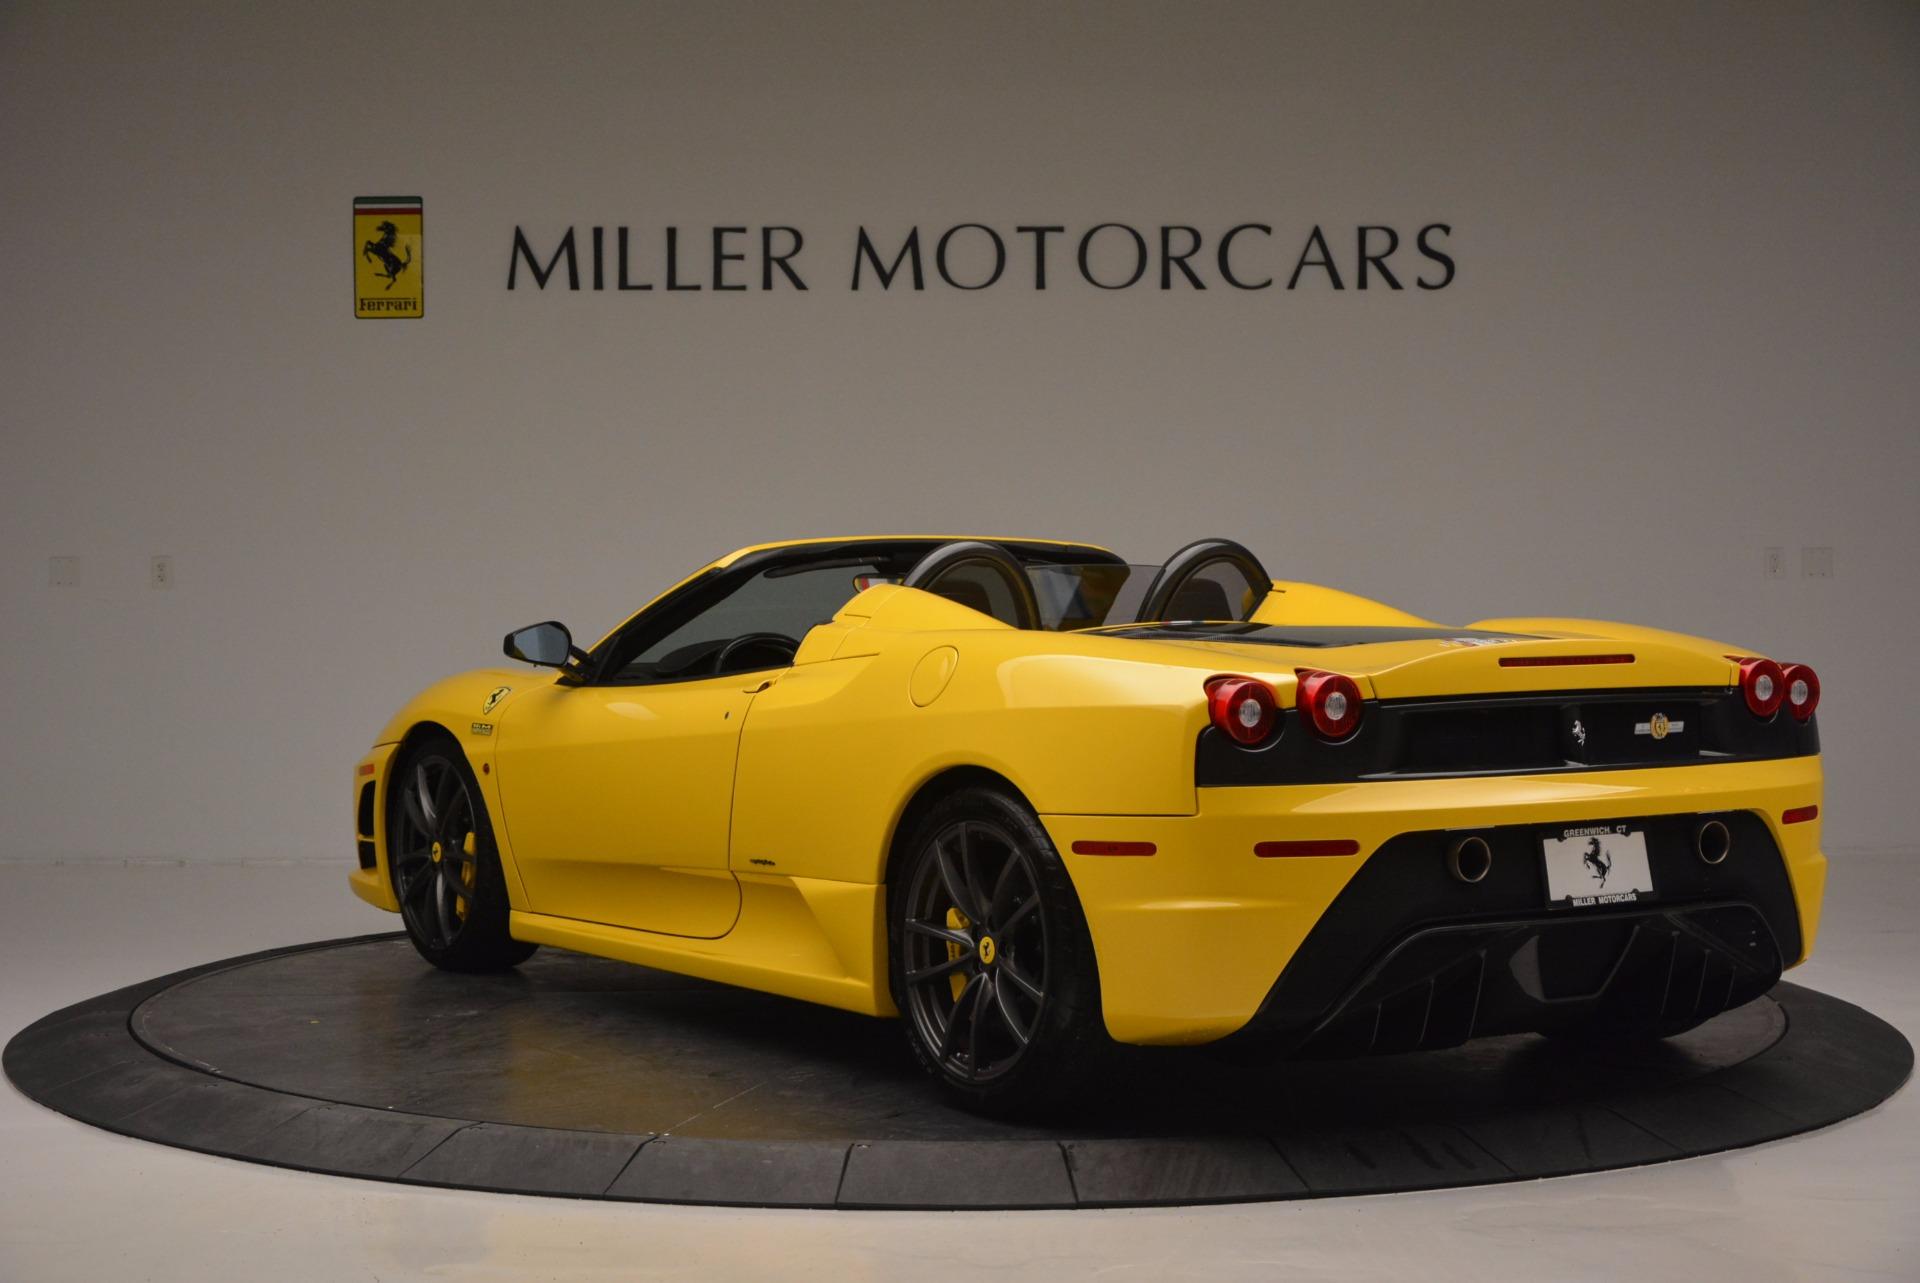 Used 2009 Ferrari F430 Scuderia 16M For Sale In Greenwich, CT 856_p5